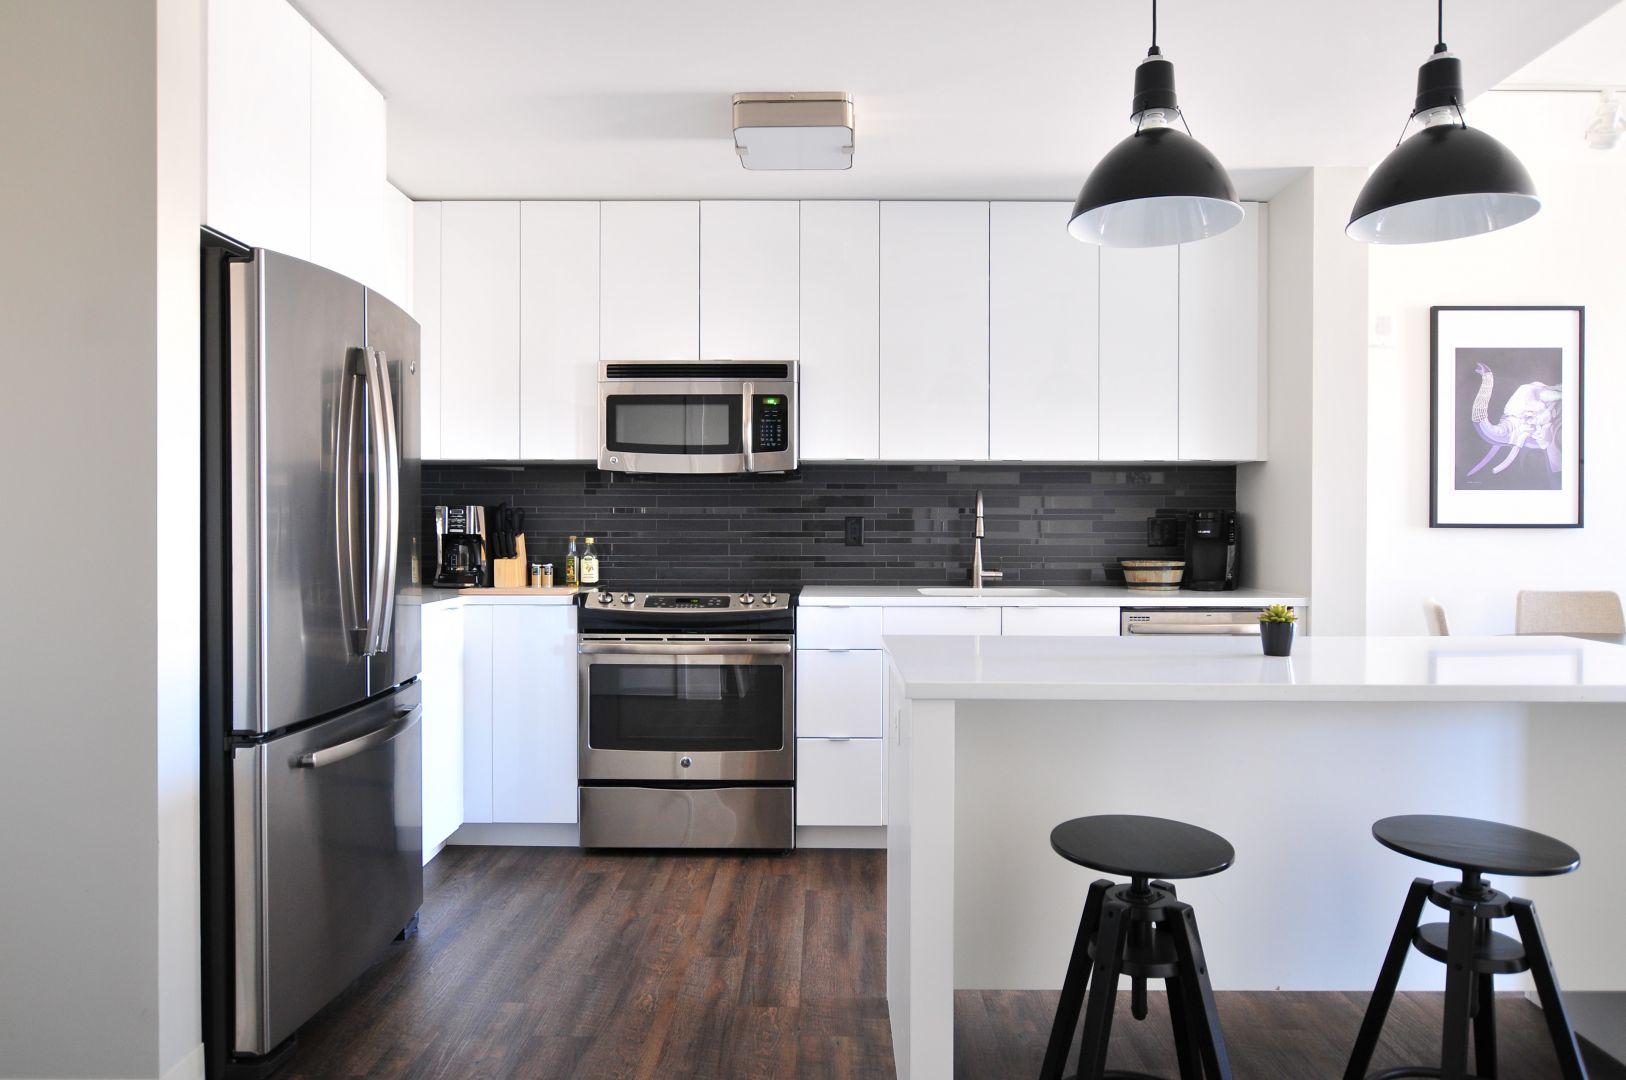 Płyta gazowa bez palników jest doskonale sprawdzi się w kuchni, w której planujecie pracować. Pracuje niezwykle cicho podczas całego procesu gotowania. Fot. Solgaz